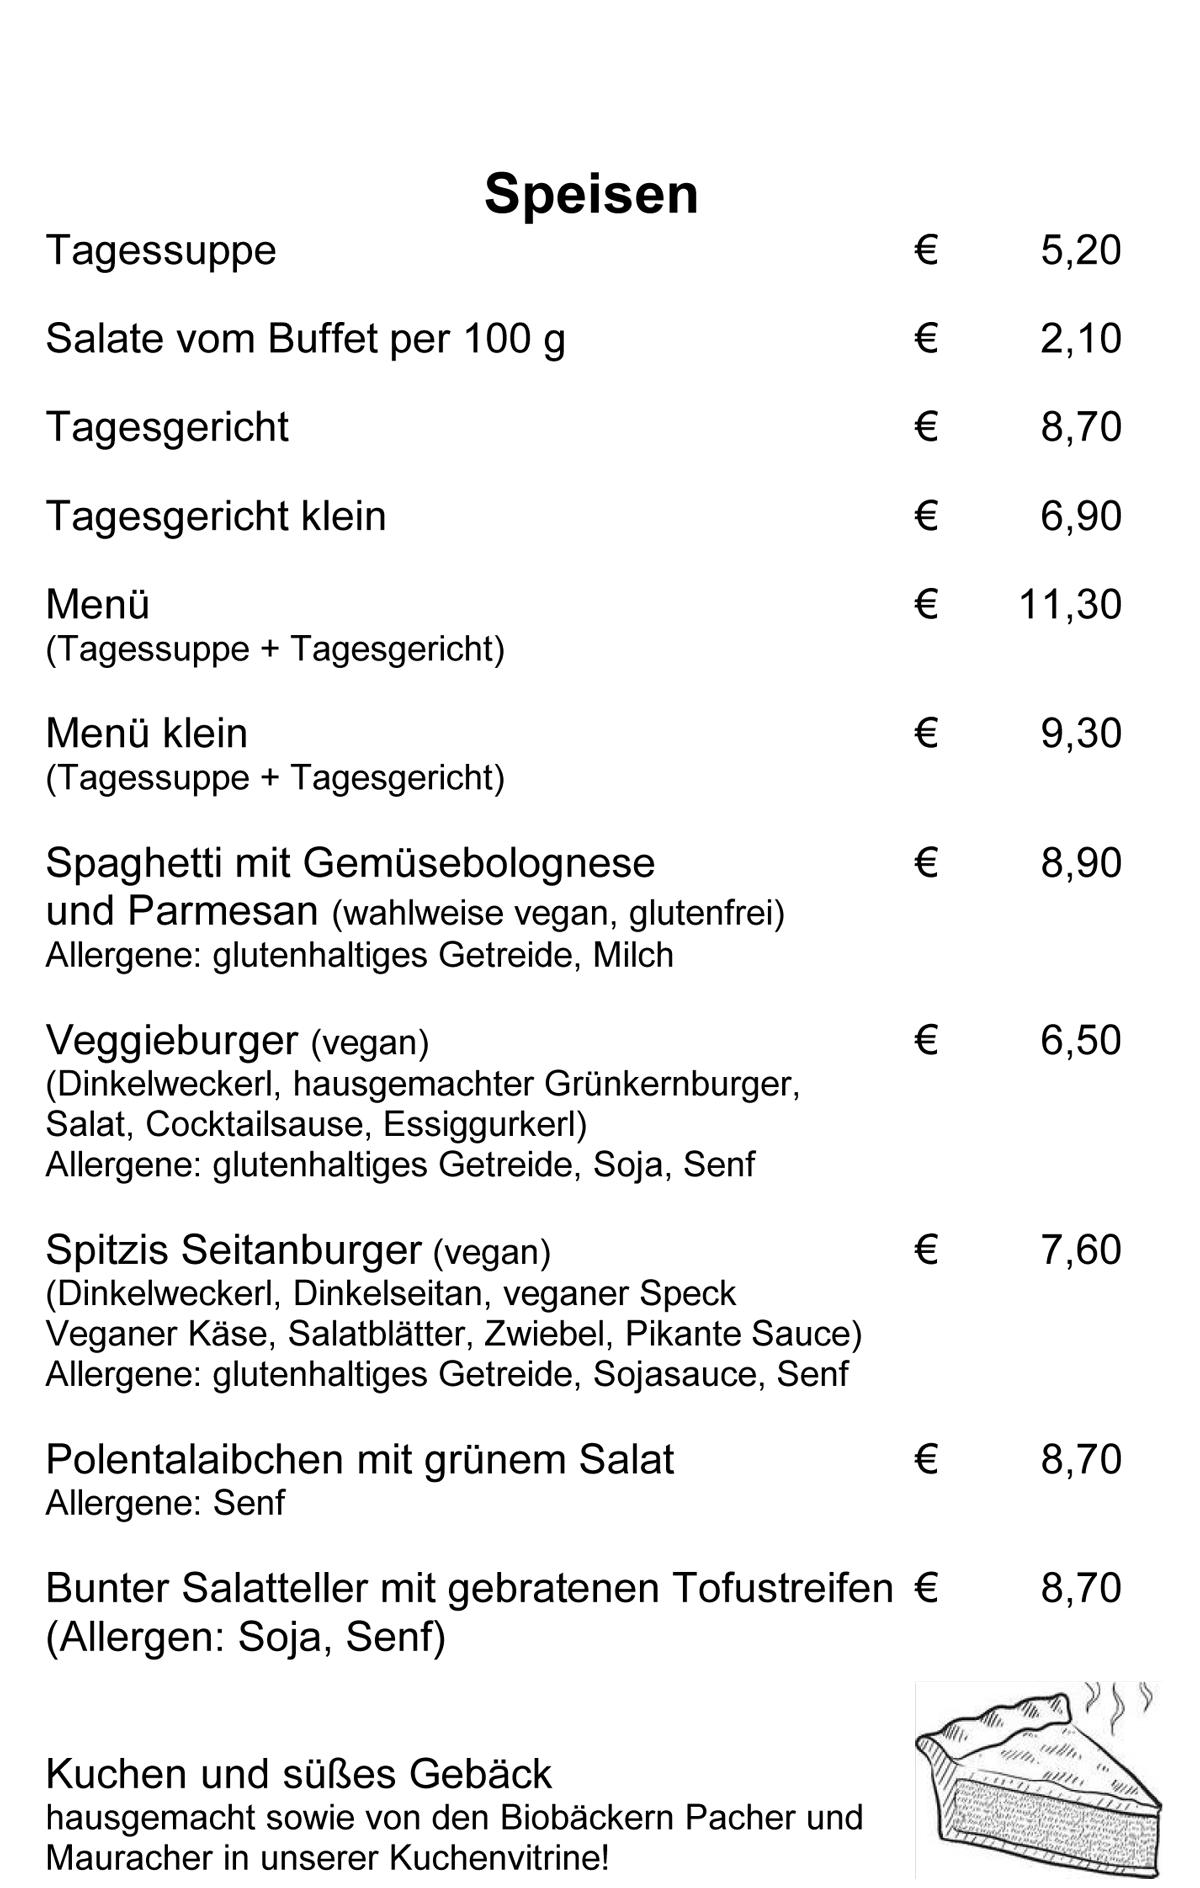 Speisekarte Spitzwegerich Leibnitz - Seite 2